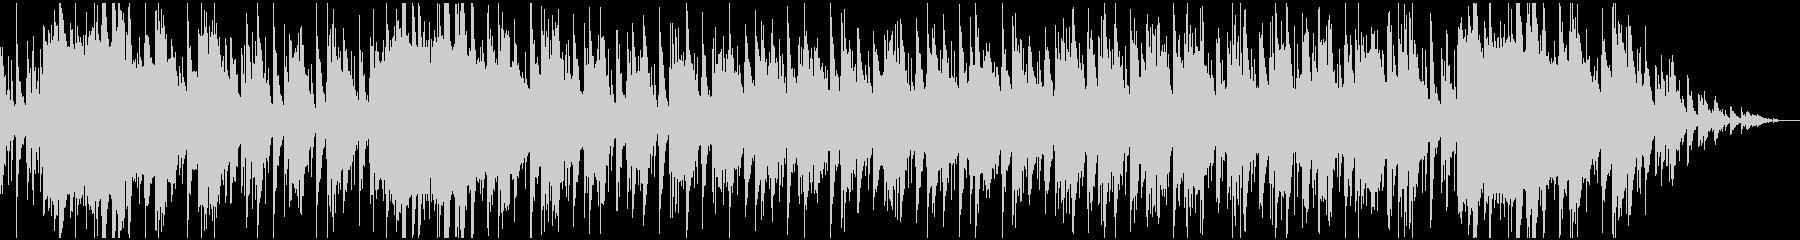 Japanese style Shinobi image BGM's unreproduced waveform